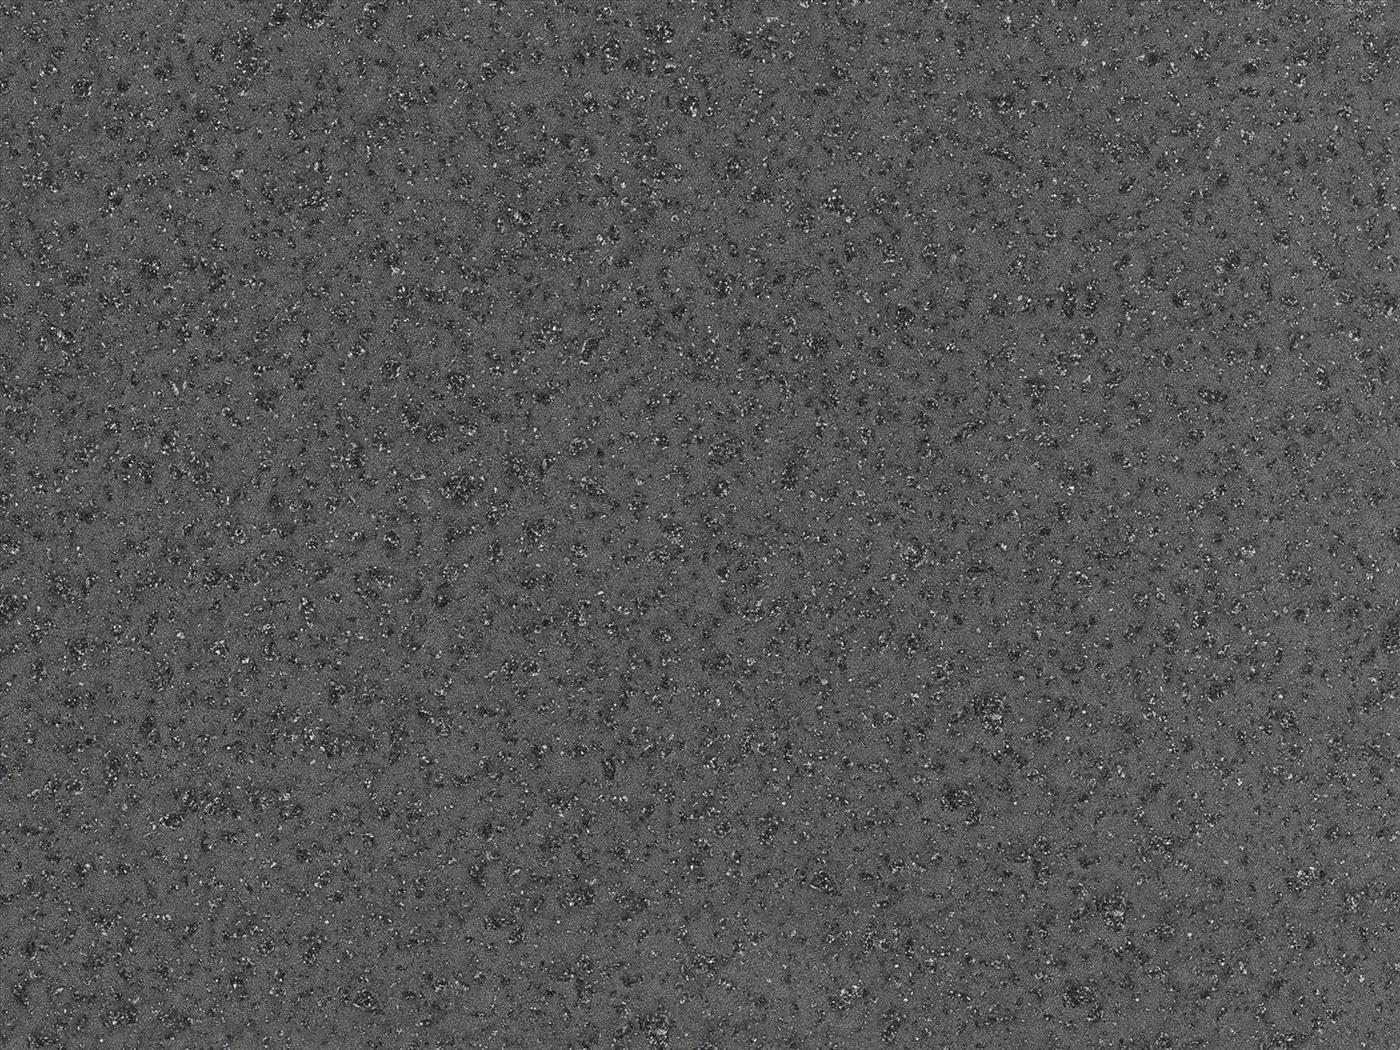 קוריאן graylite